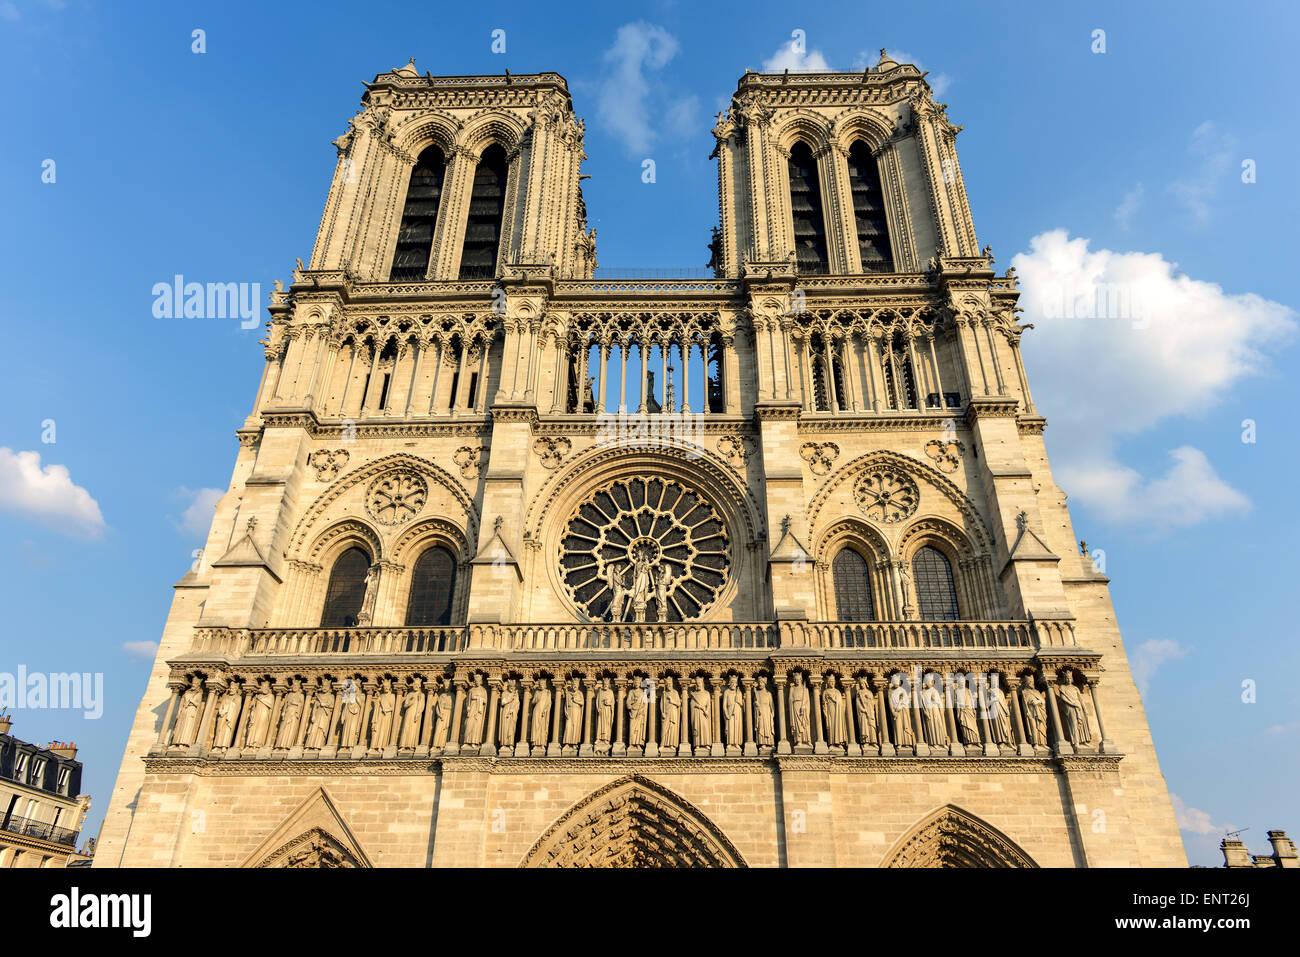 Notre Dame de Paris Cathedral, west facade, Ile de La Cité, Paris, France - Stock Image